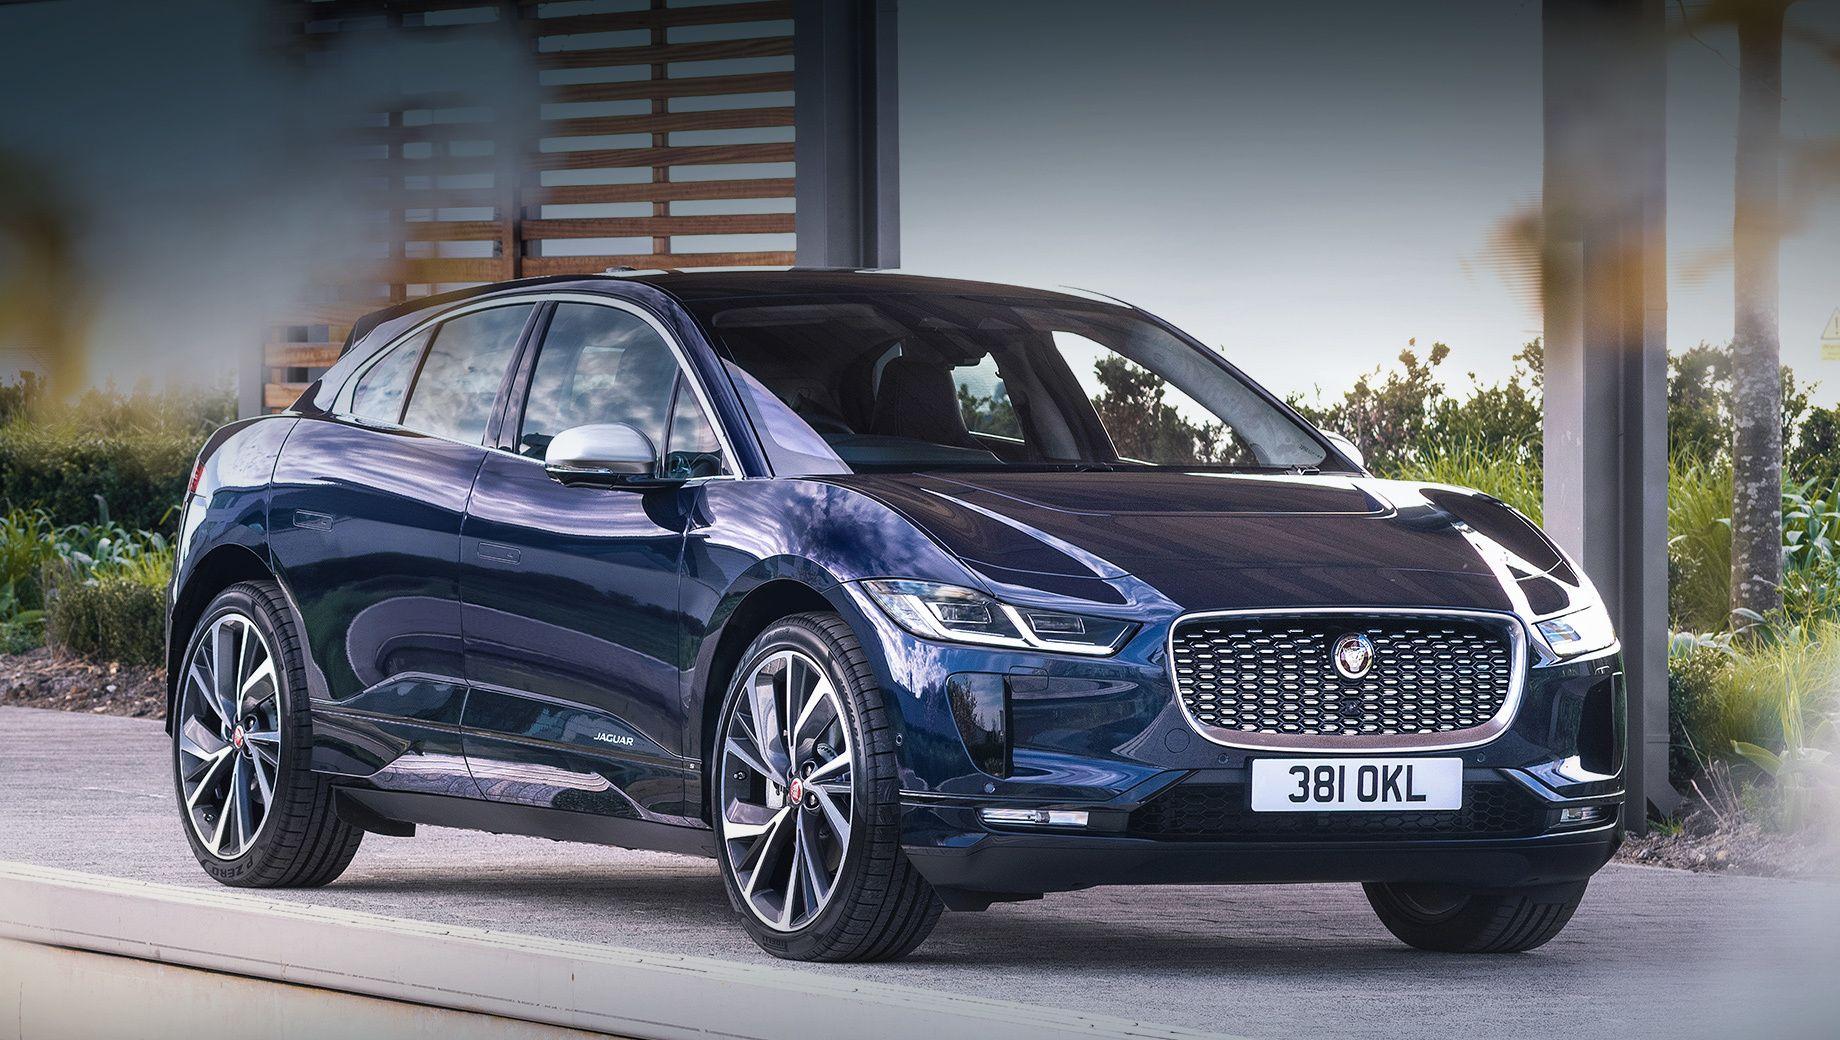 Posle Obnovleniya Jaguar I Pace Pribavil V Tehnologichnosti Drajv In 2020 Suv Car Car Suv